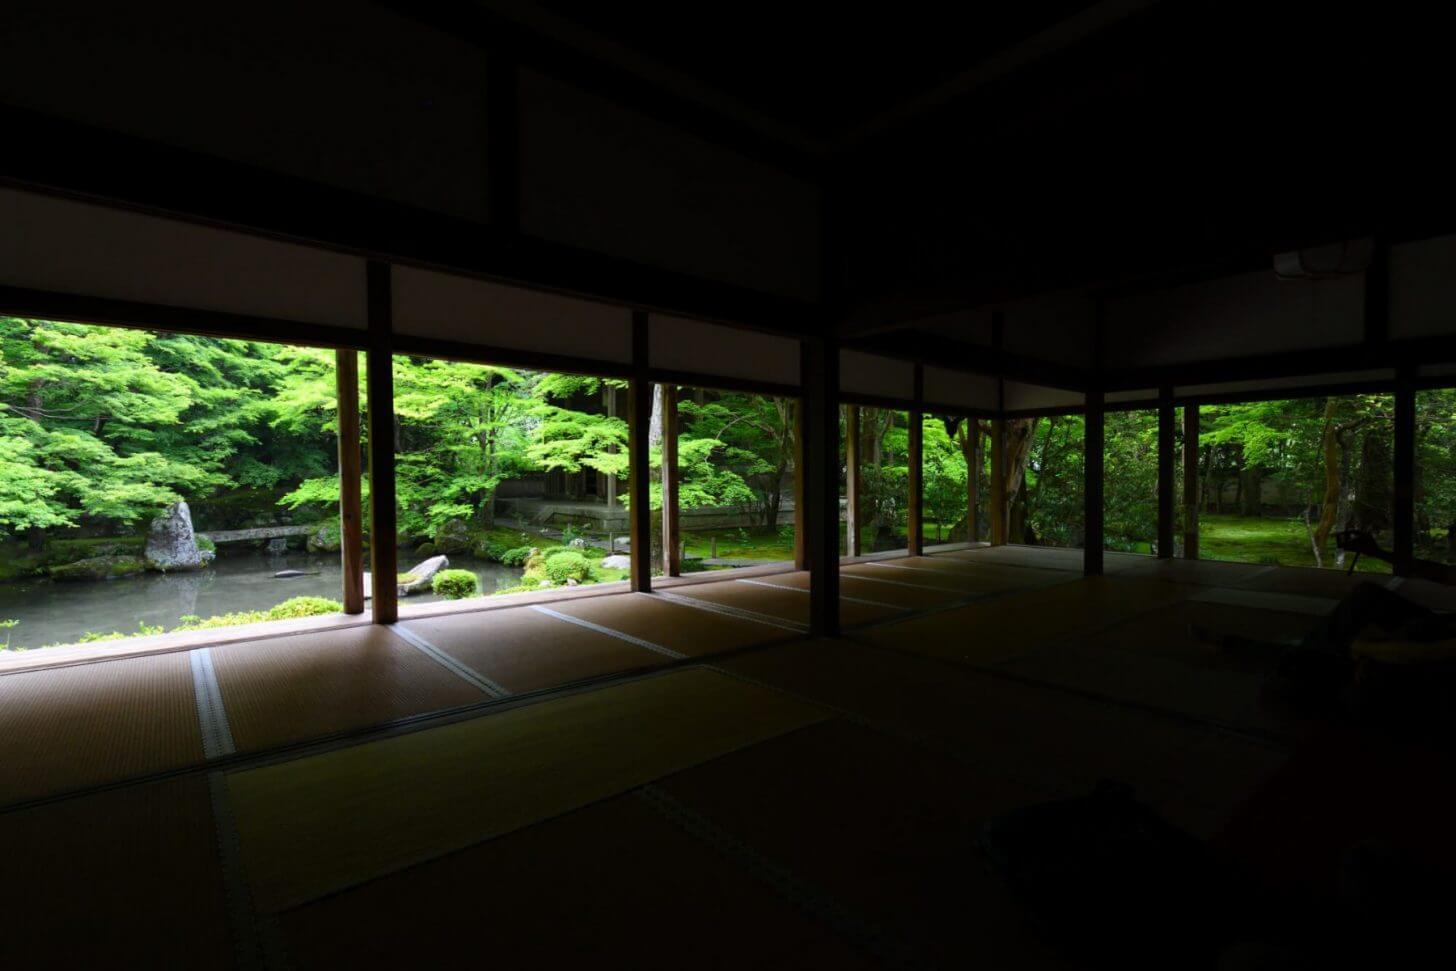 蓮華寺の青もみじを端から超広角で